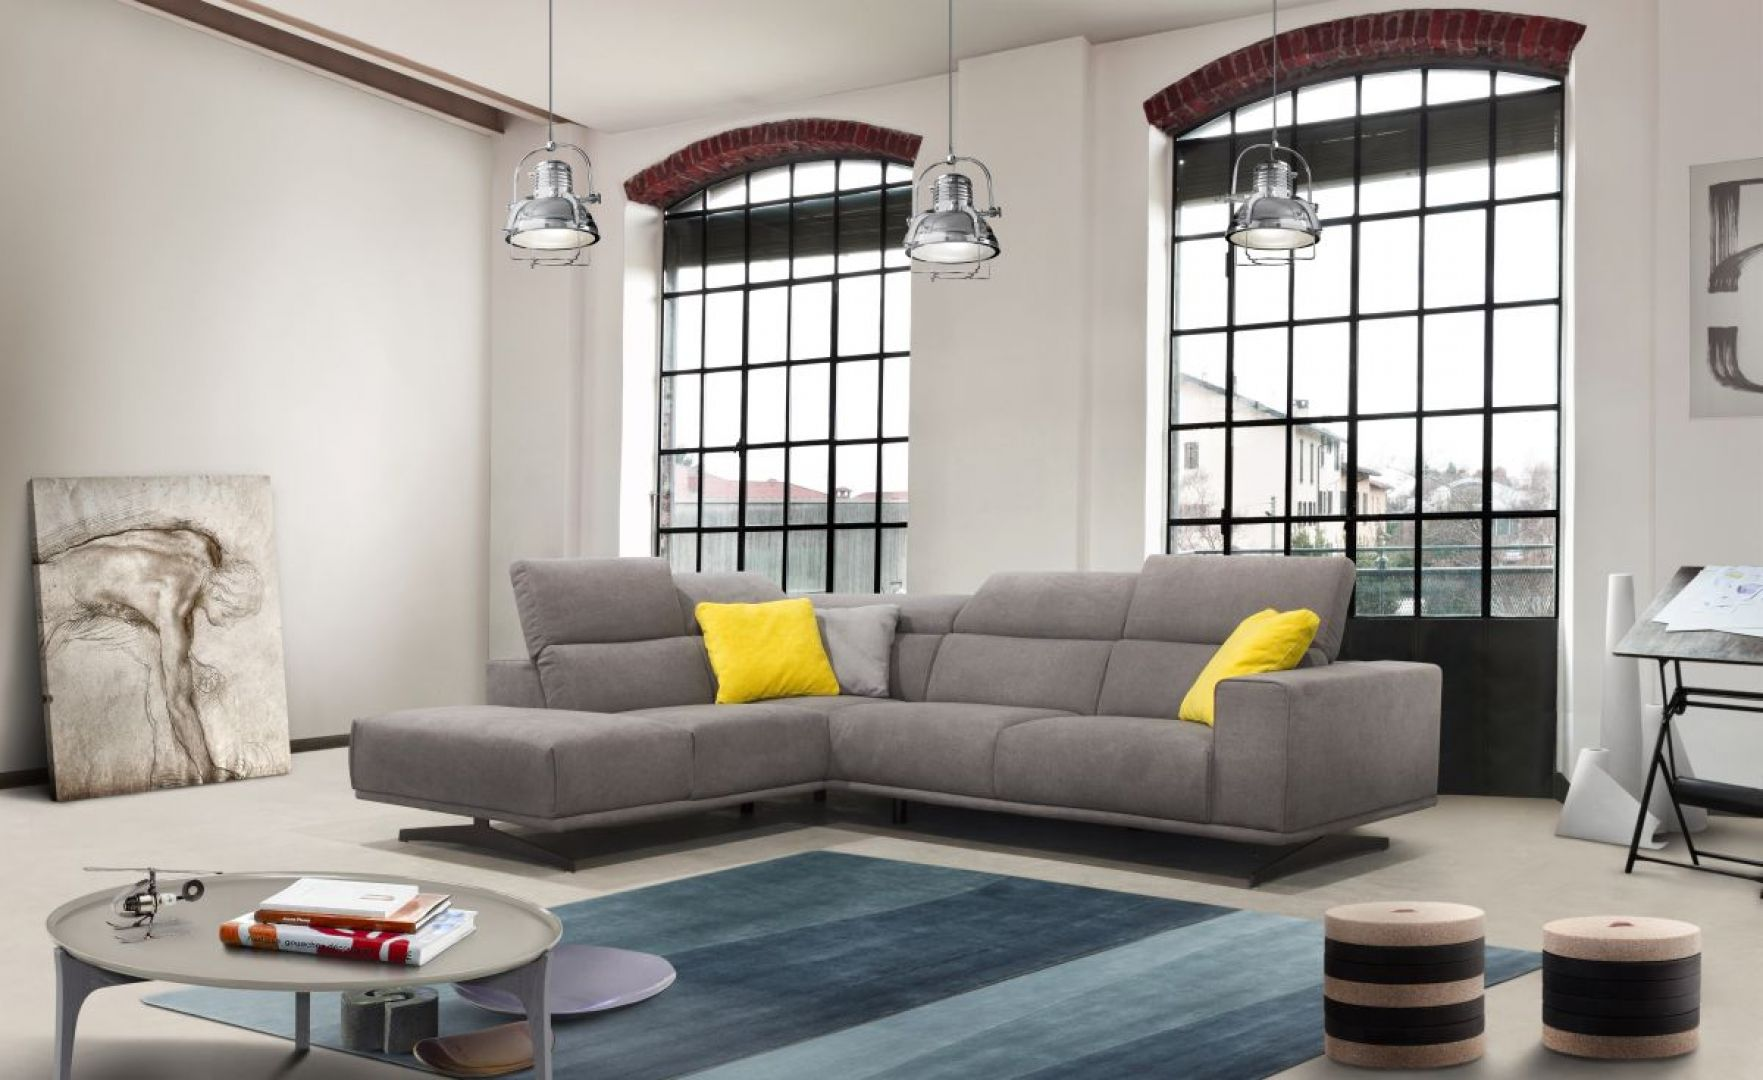 """Zestaw """"Elliot"""" firmy Poldem – połączenie eleganckiej formy i nowoczesności wyrażającej się wielością zastosowanych funkcji. Fot. Poldem"""